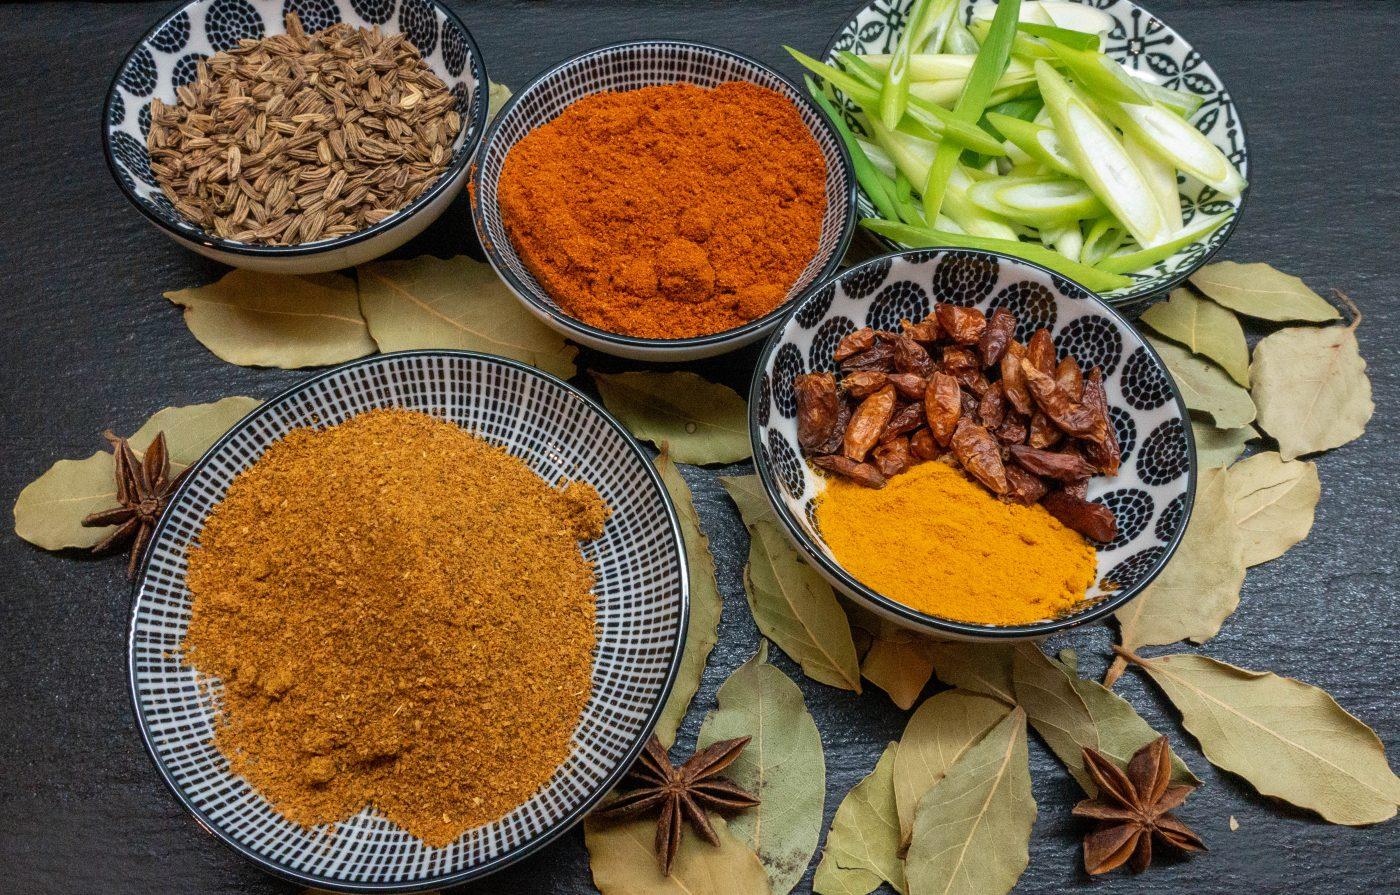 Verschiedene Curry-Gewürze in leuchtend orange-gelben Farben